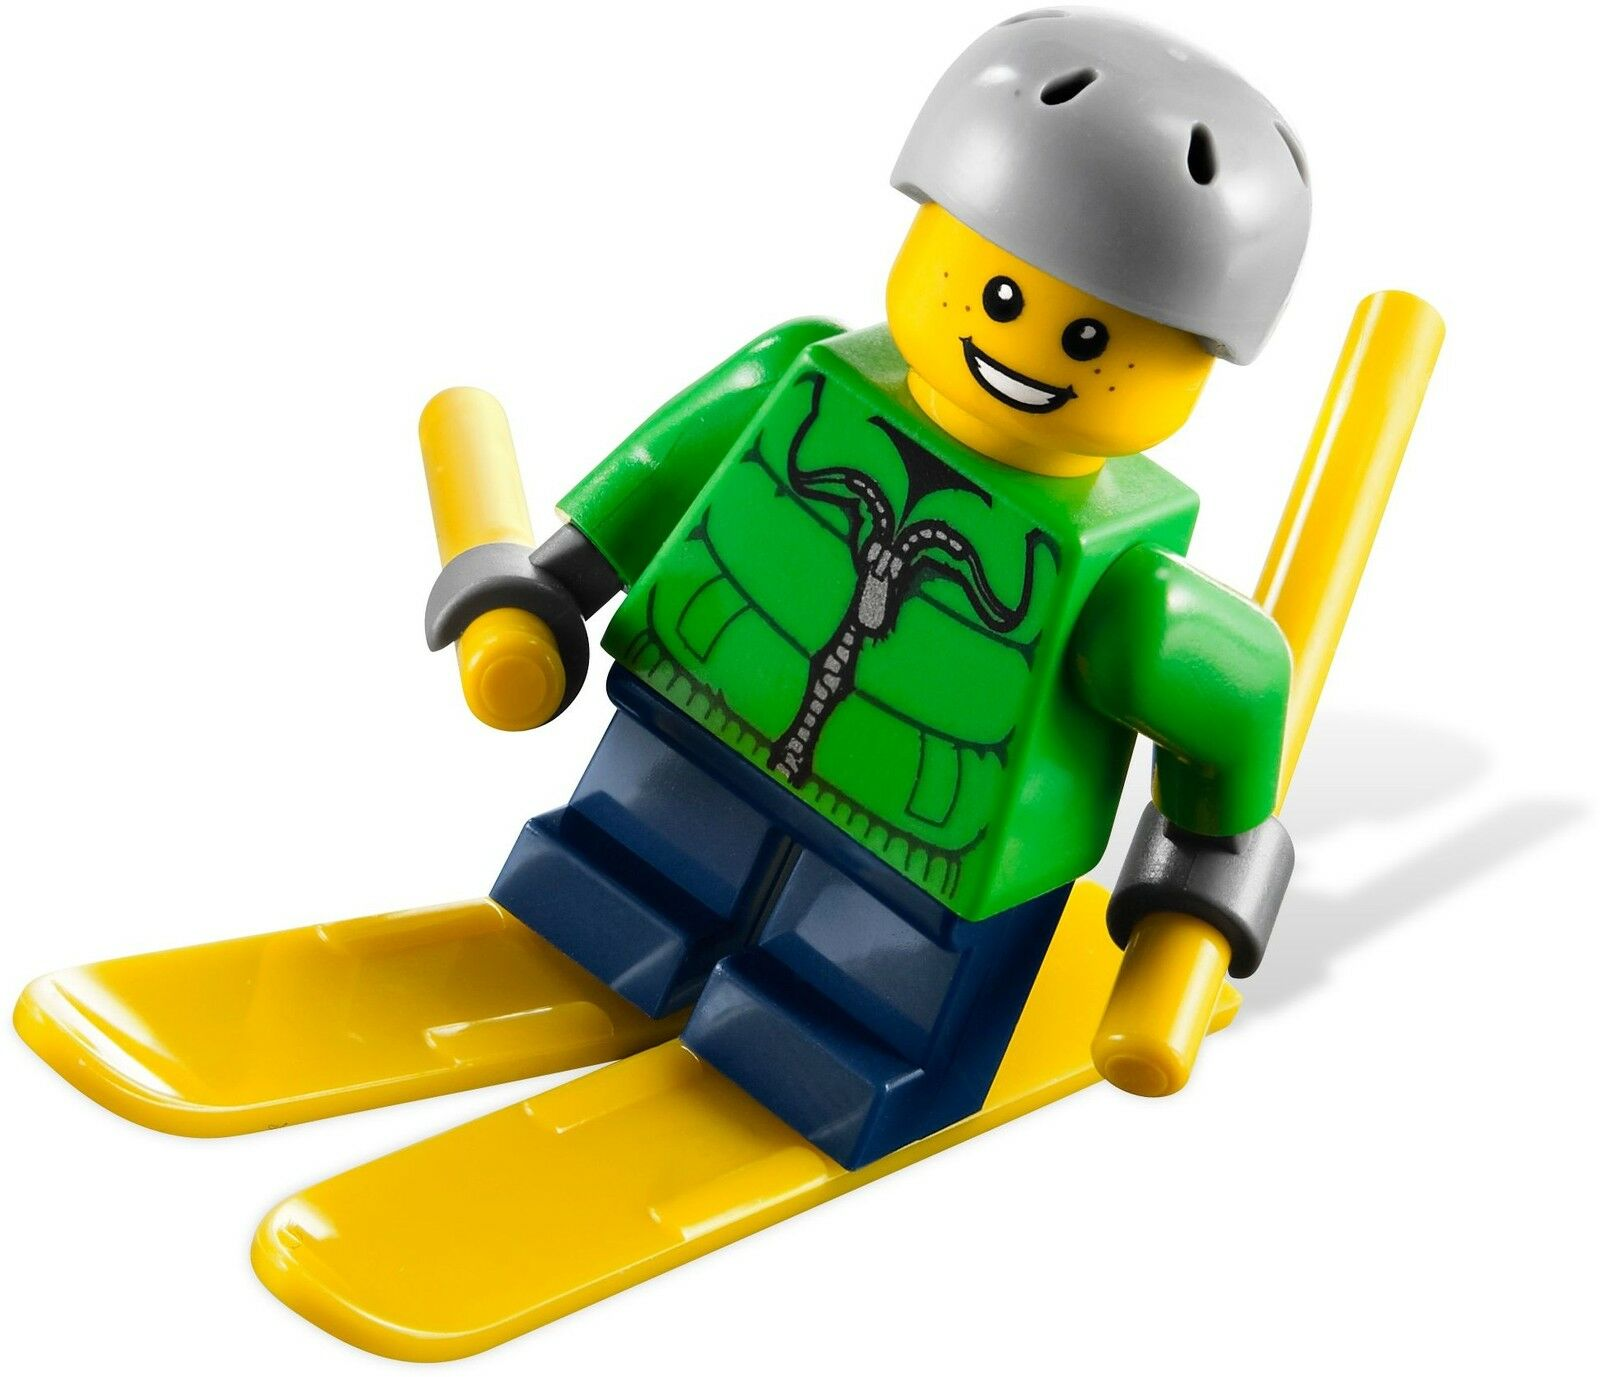 LEGO® City 4428 Adventskalender NEU OVP_ Advent Advent Advent Calendar NEW MISB NRFB 547810